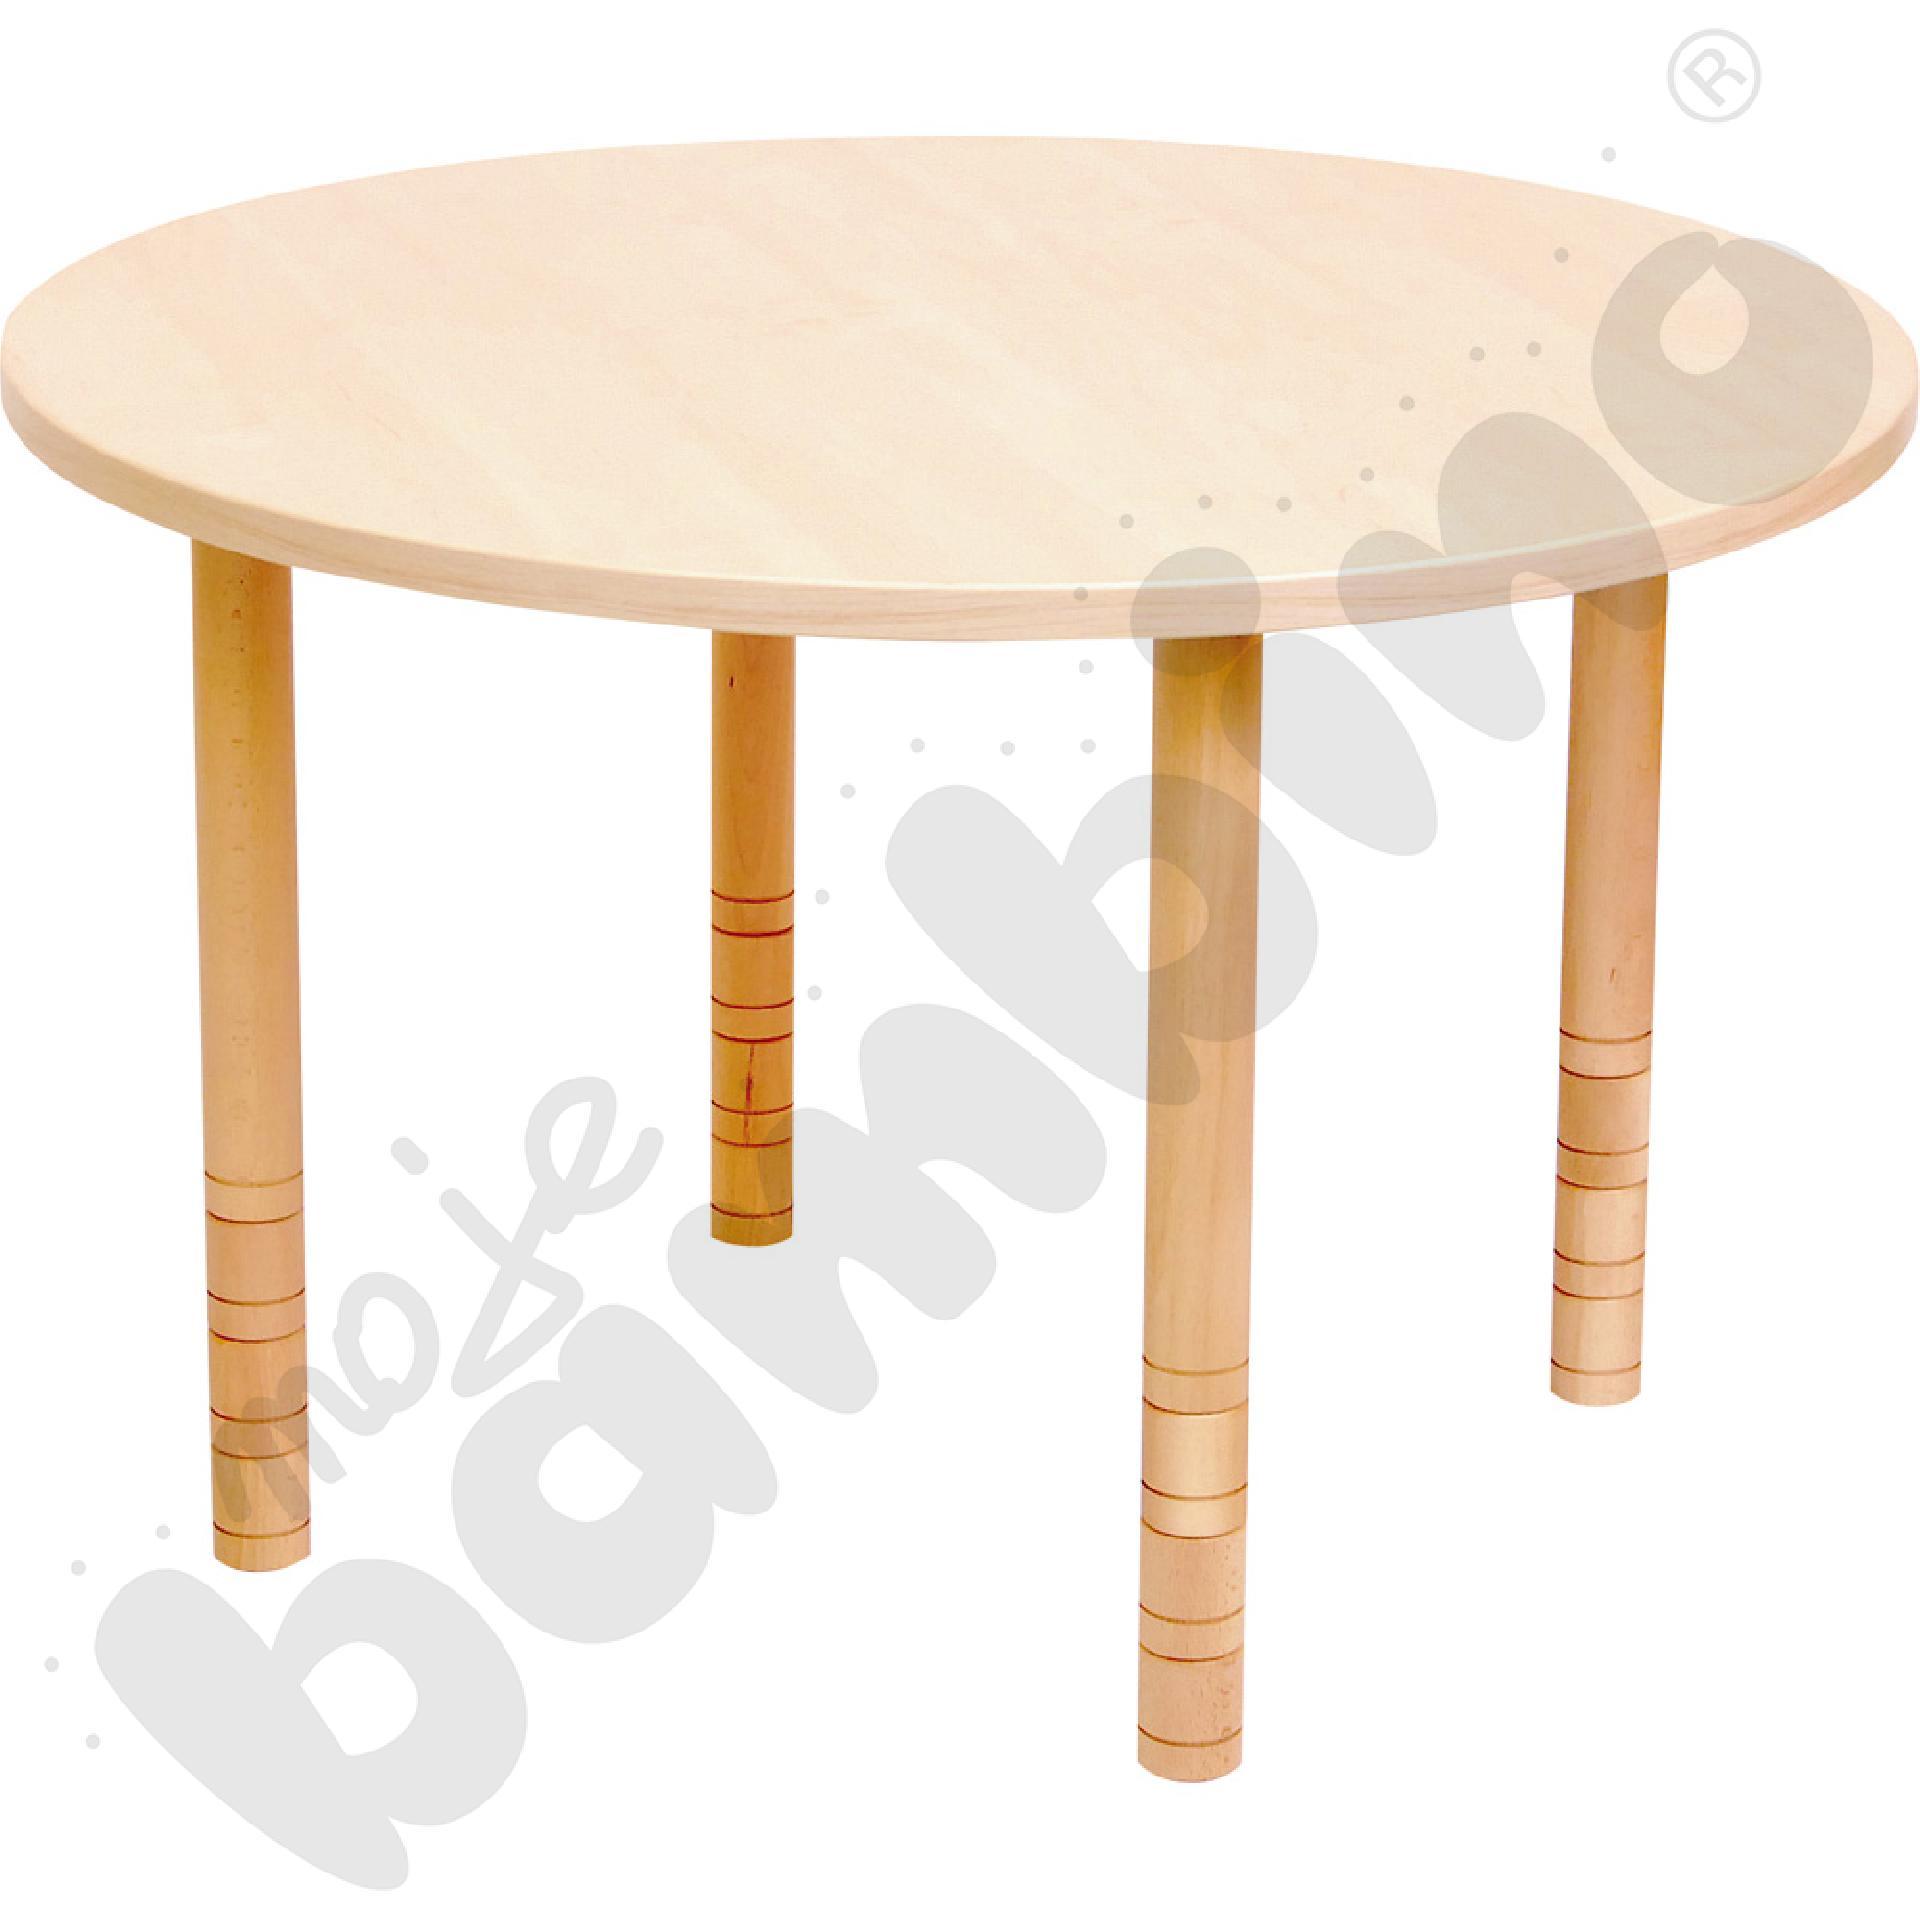 Stół okrągły brzoza